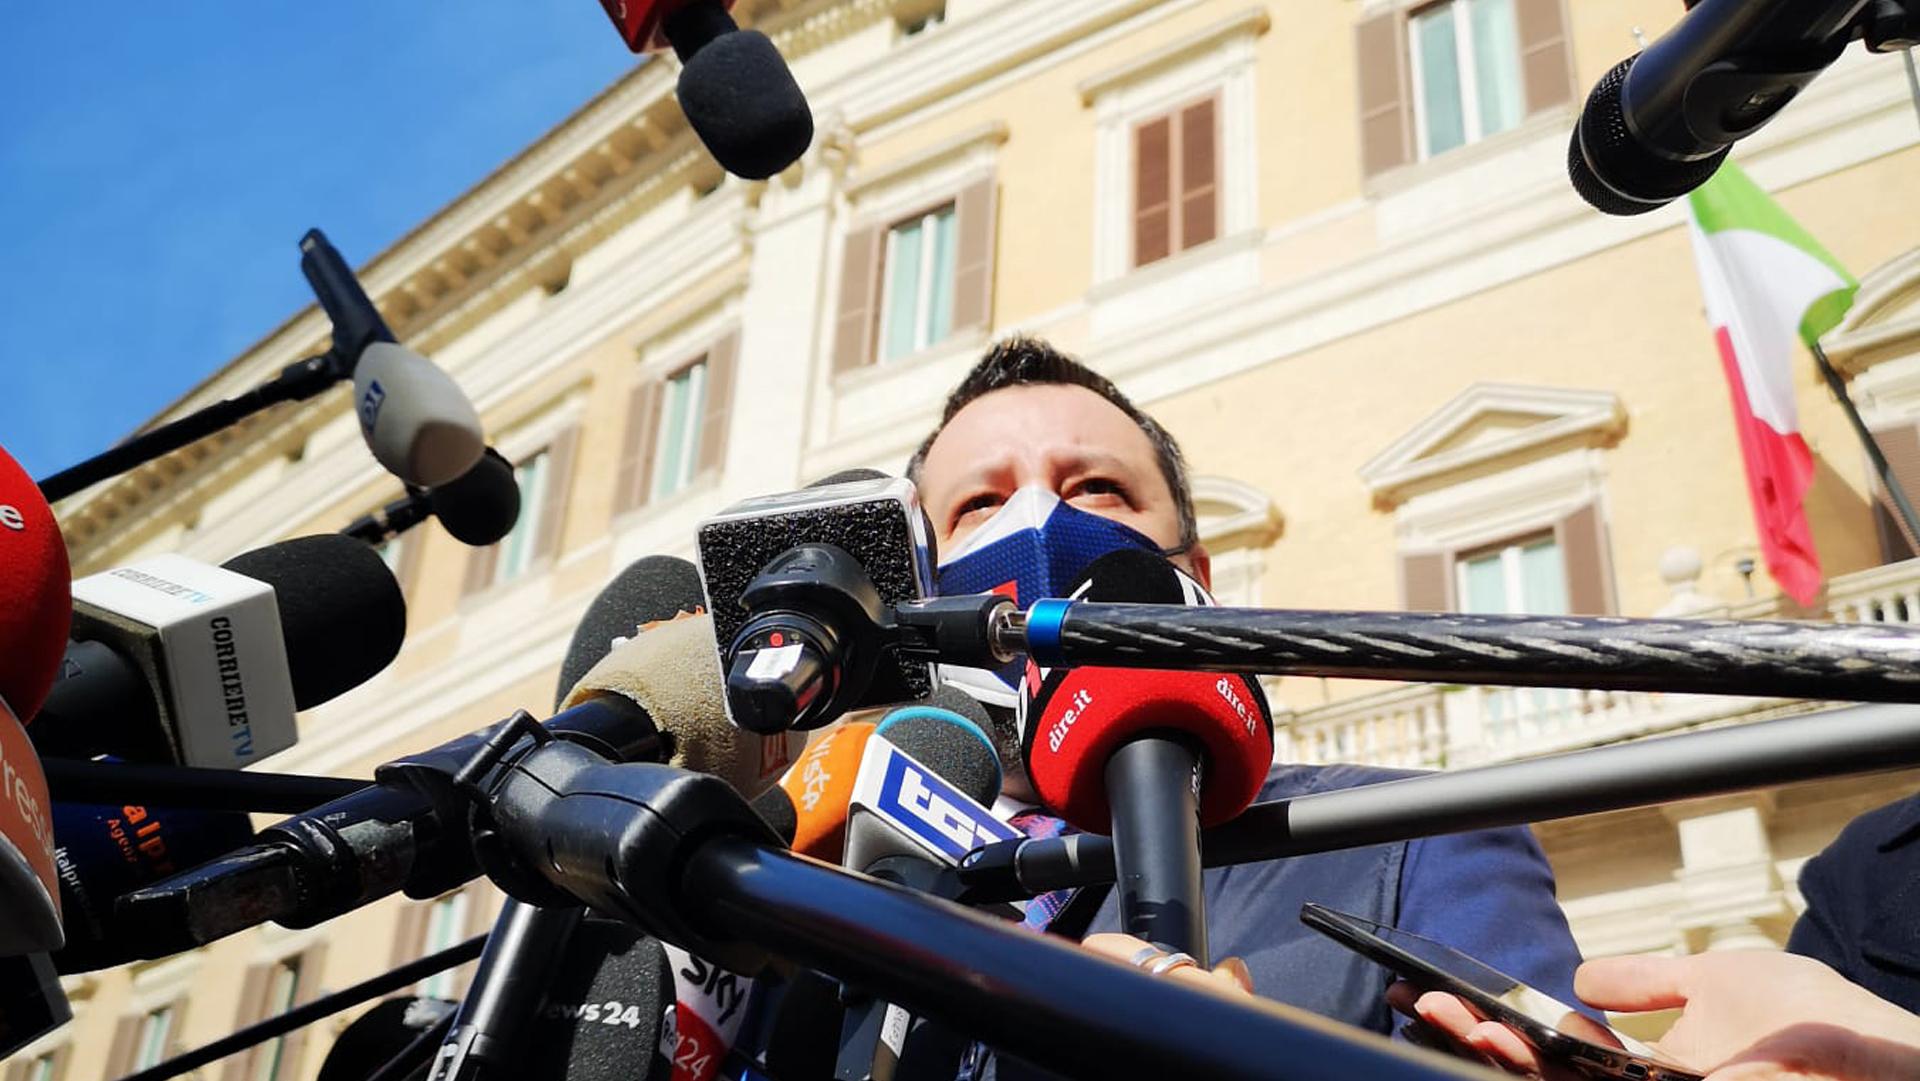 Le nuove misure in vigore da lunedì, lo scontro Draghi-Salvini sul coprifuoco e le altre notizie della giornata